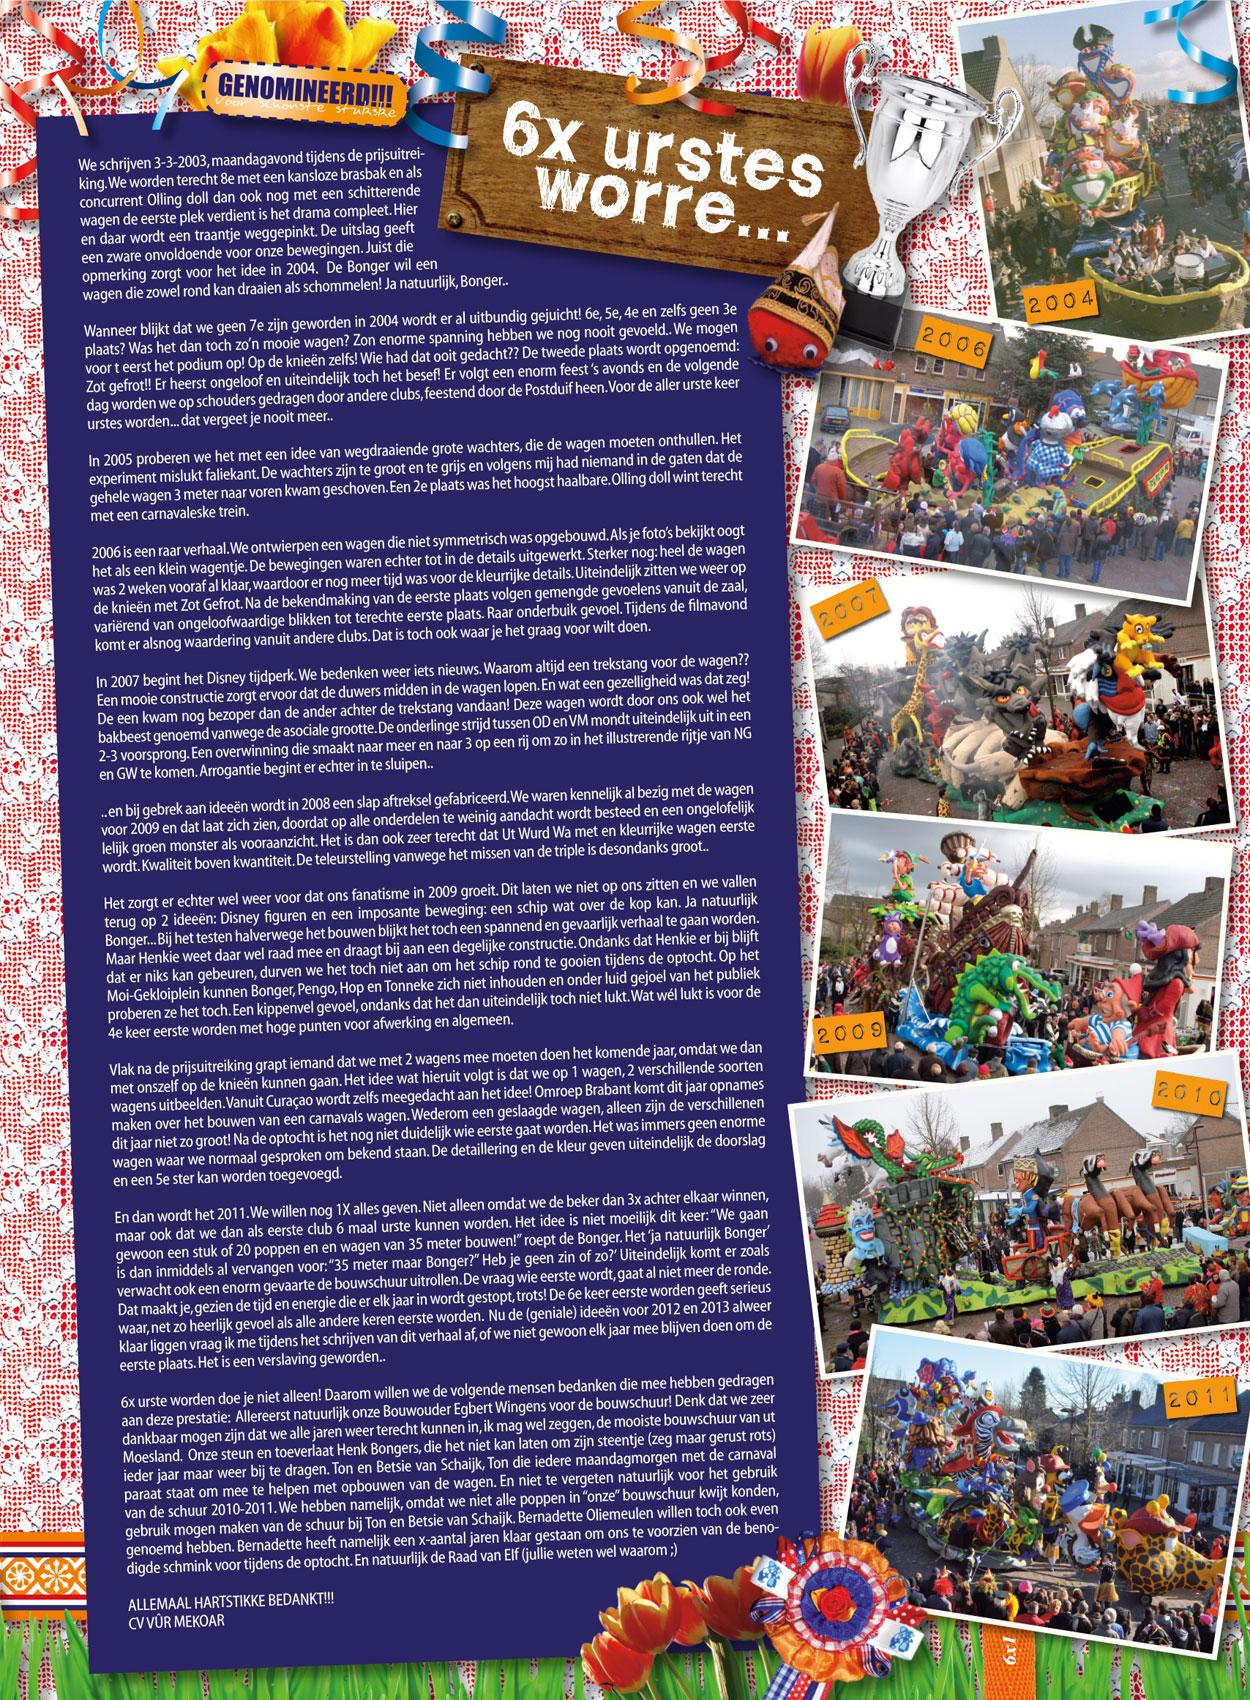 Stukje uit de carnavalskrant van Vur Mekoar - 2012